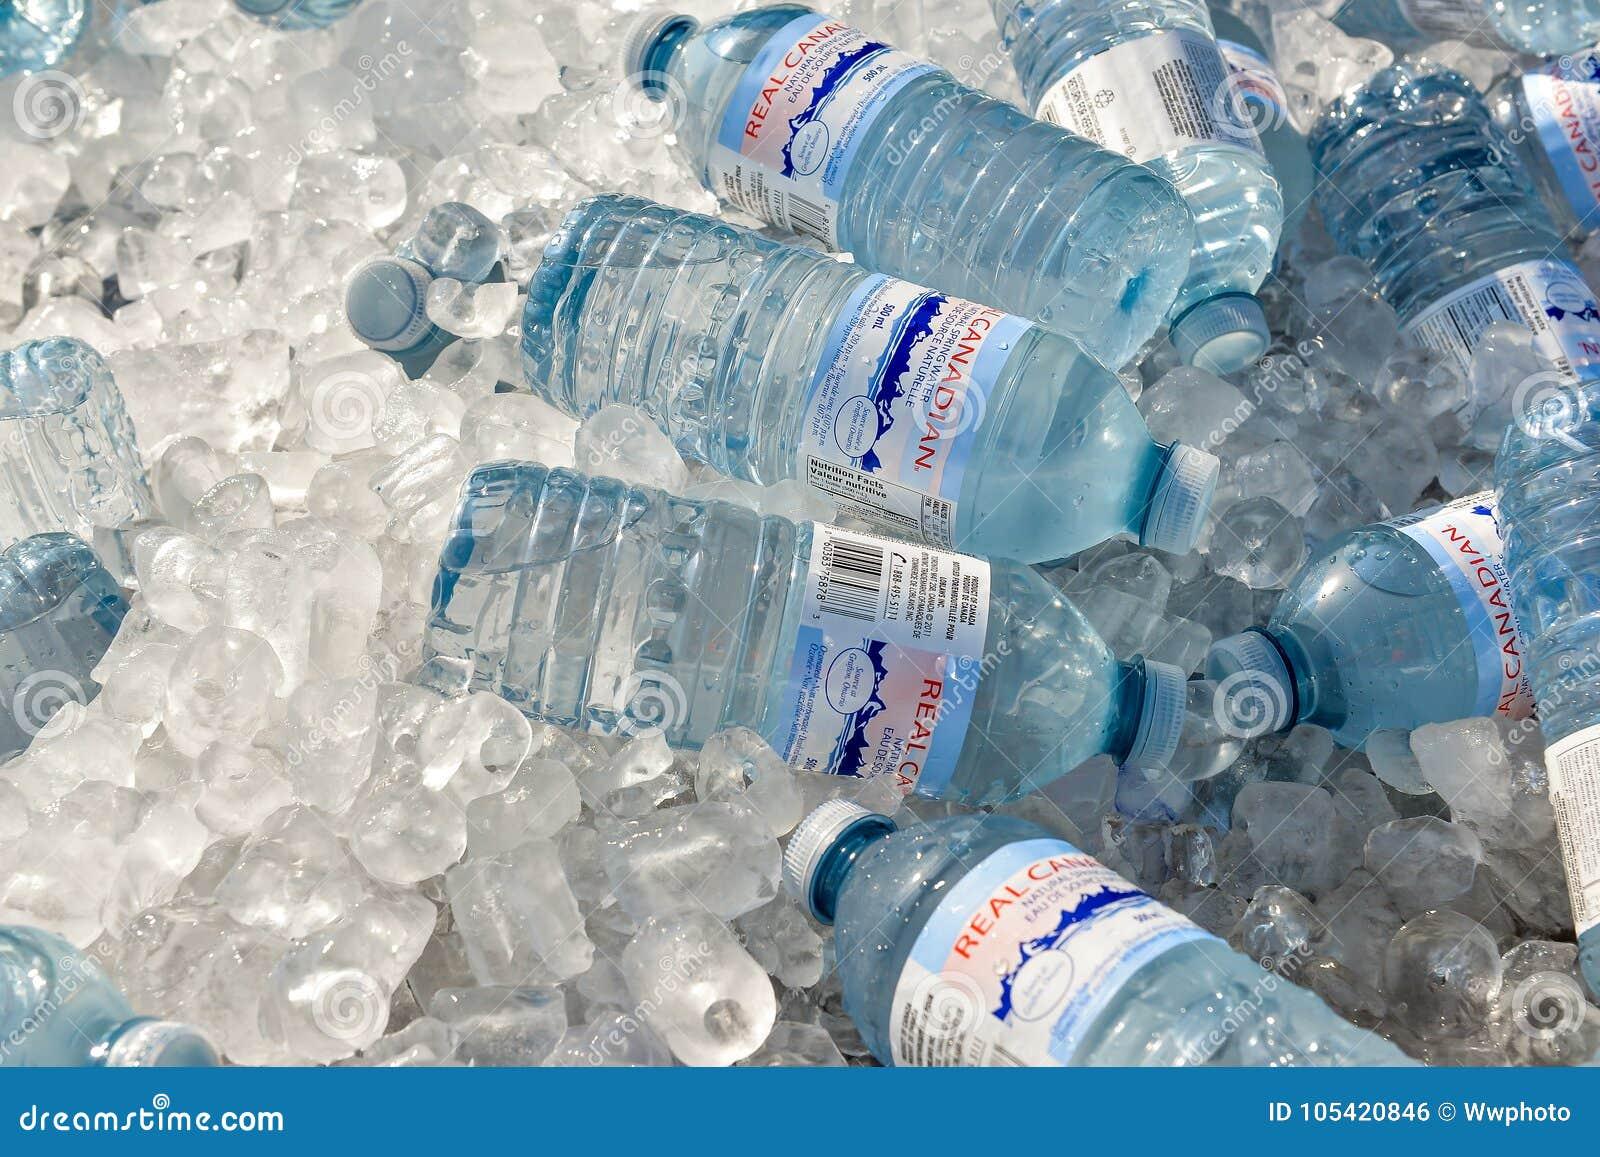 Bouteille de l eau sur la glace